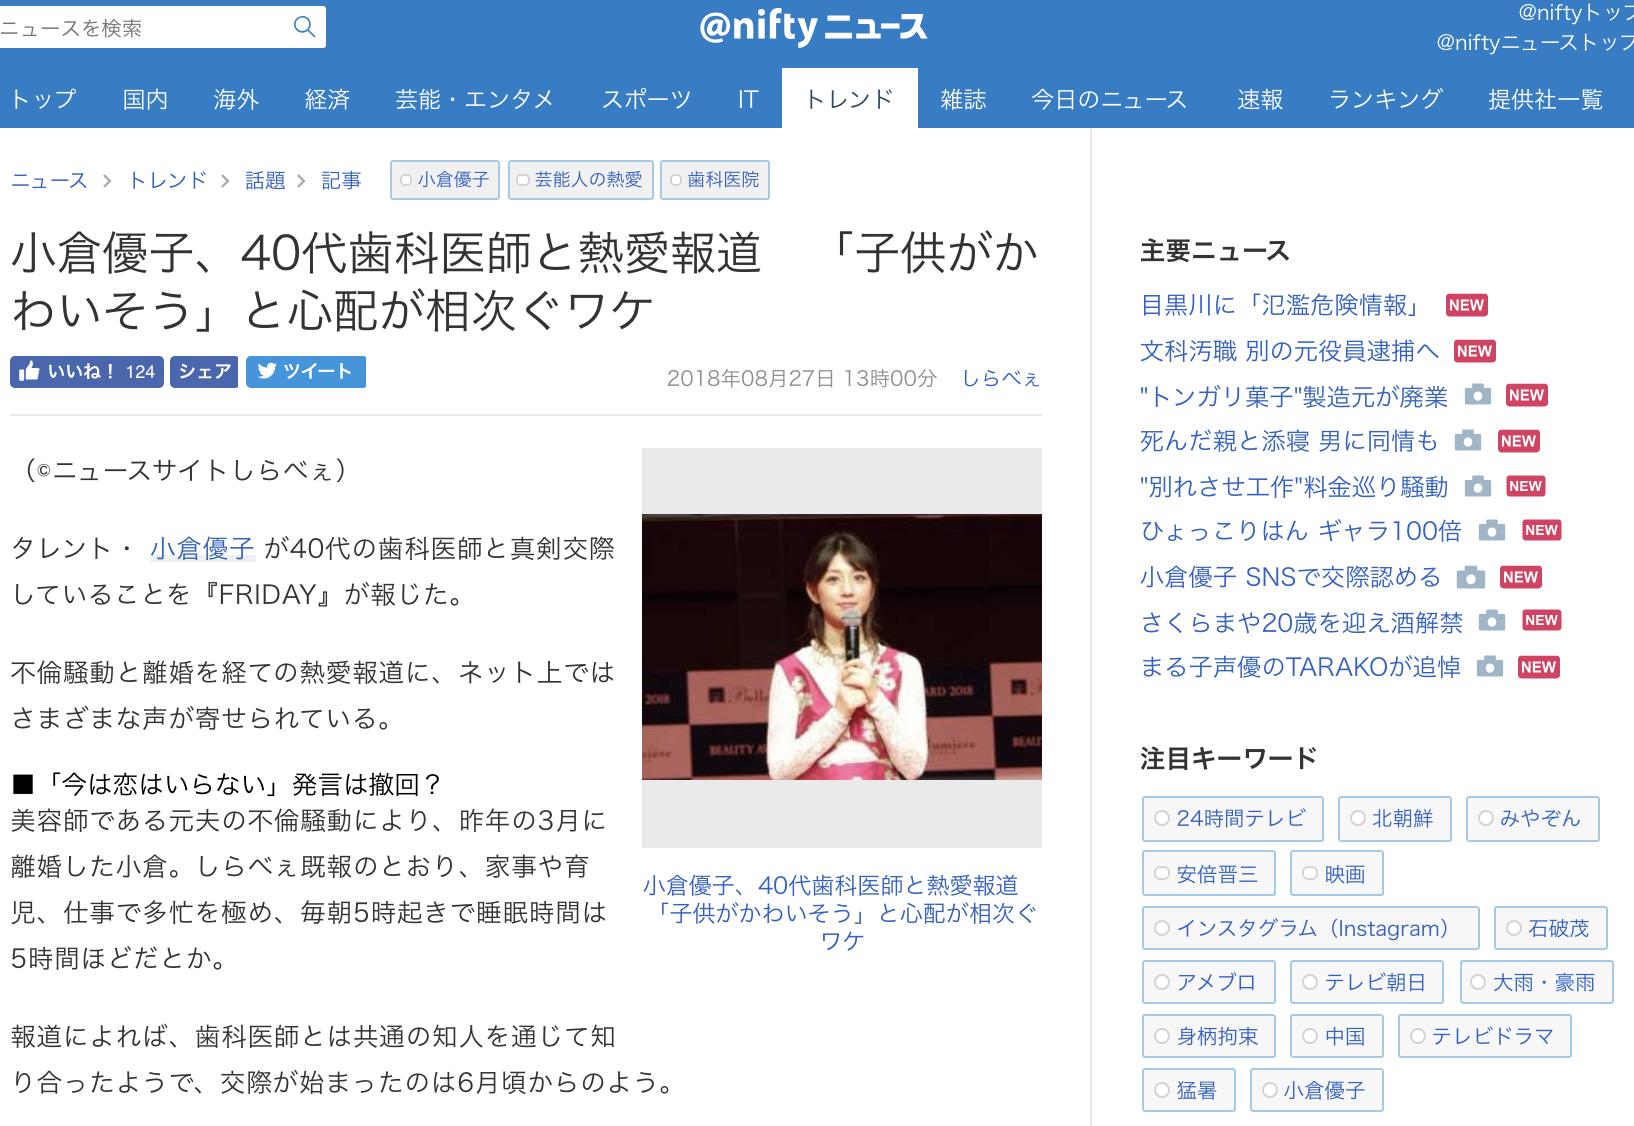 小倉優子、40代歯科医師と熱愛報道 「子供がかわいそう」と心配が相次ぐワケ